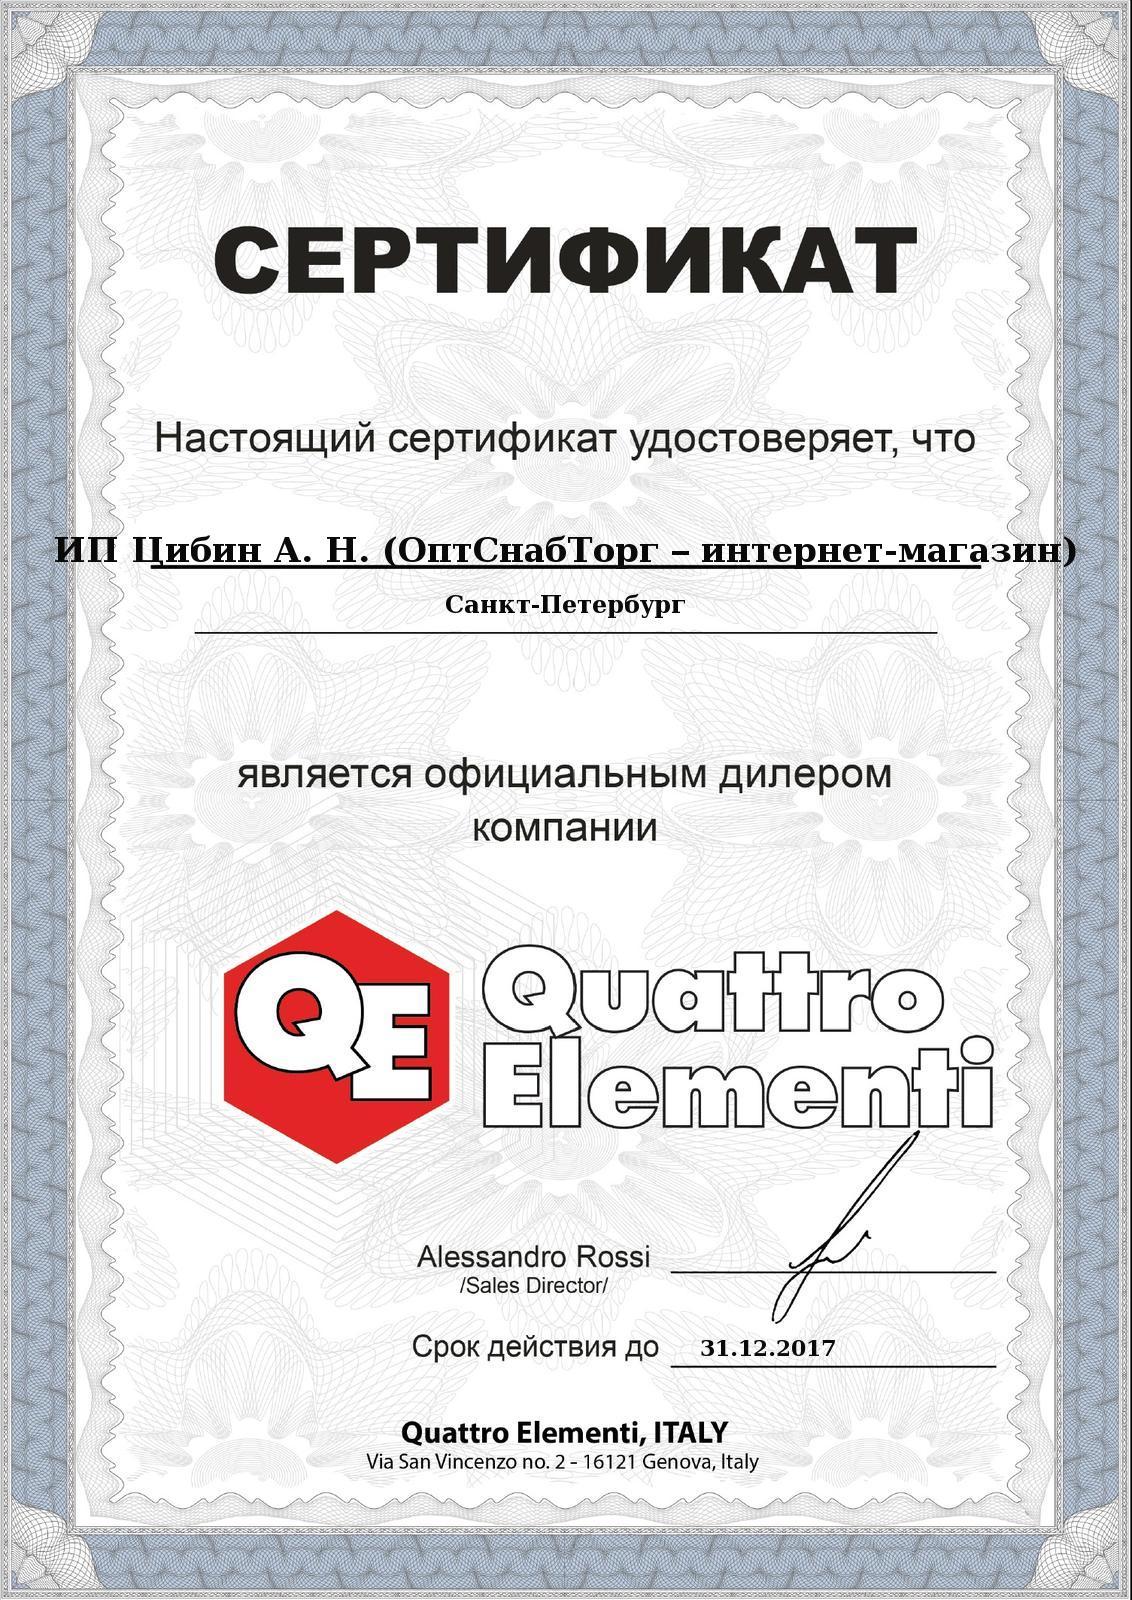 ОптСнабТорг является официальным дилером торговой марки QUATTRO ELEMENTI на территории Российской федерации